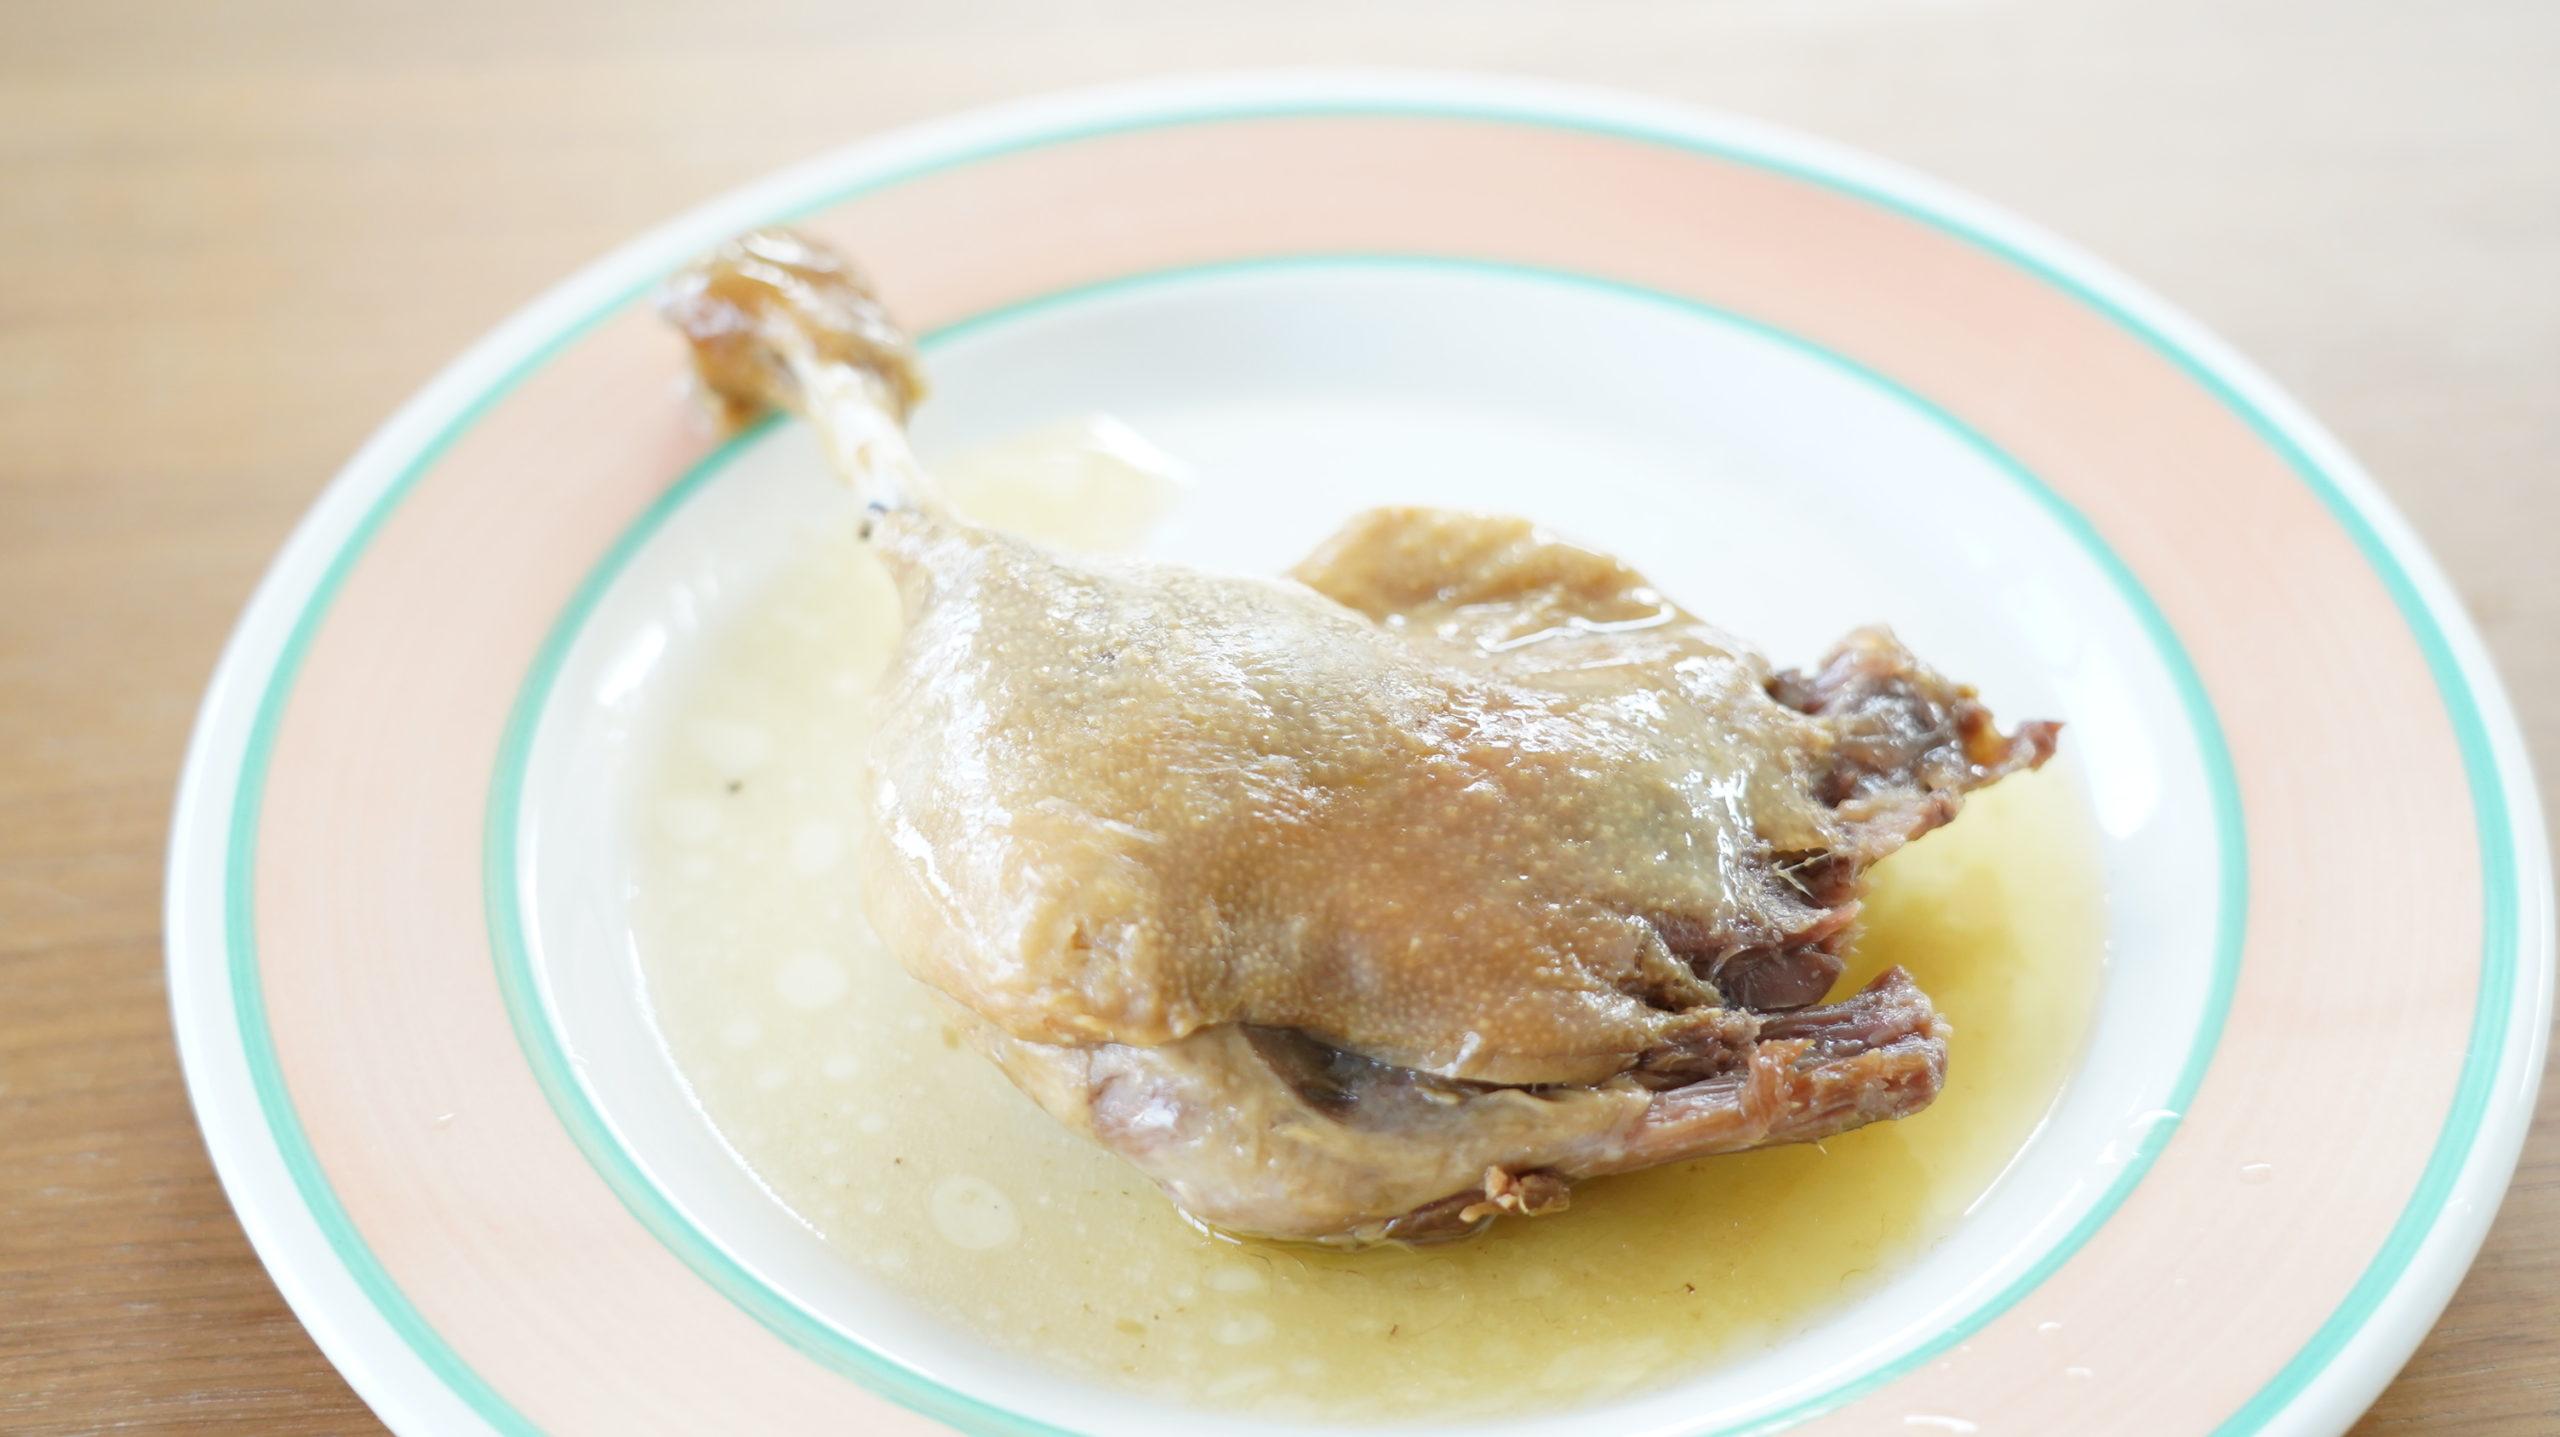 ピカールのおすすめ冷凍食品「フランス南西部産・鴨肉のコンフィ」の商品写真